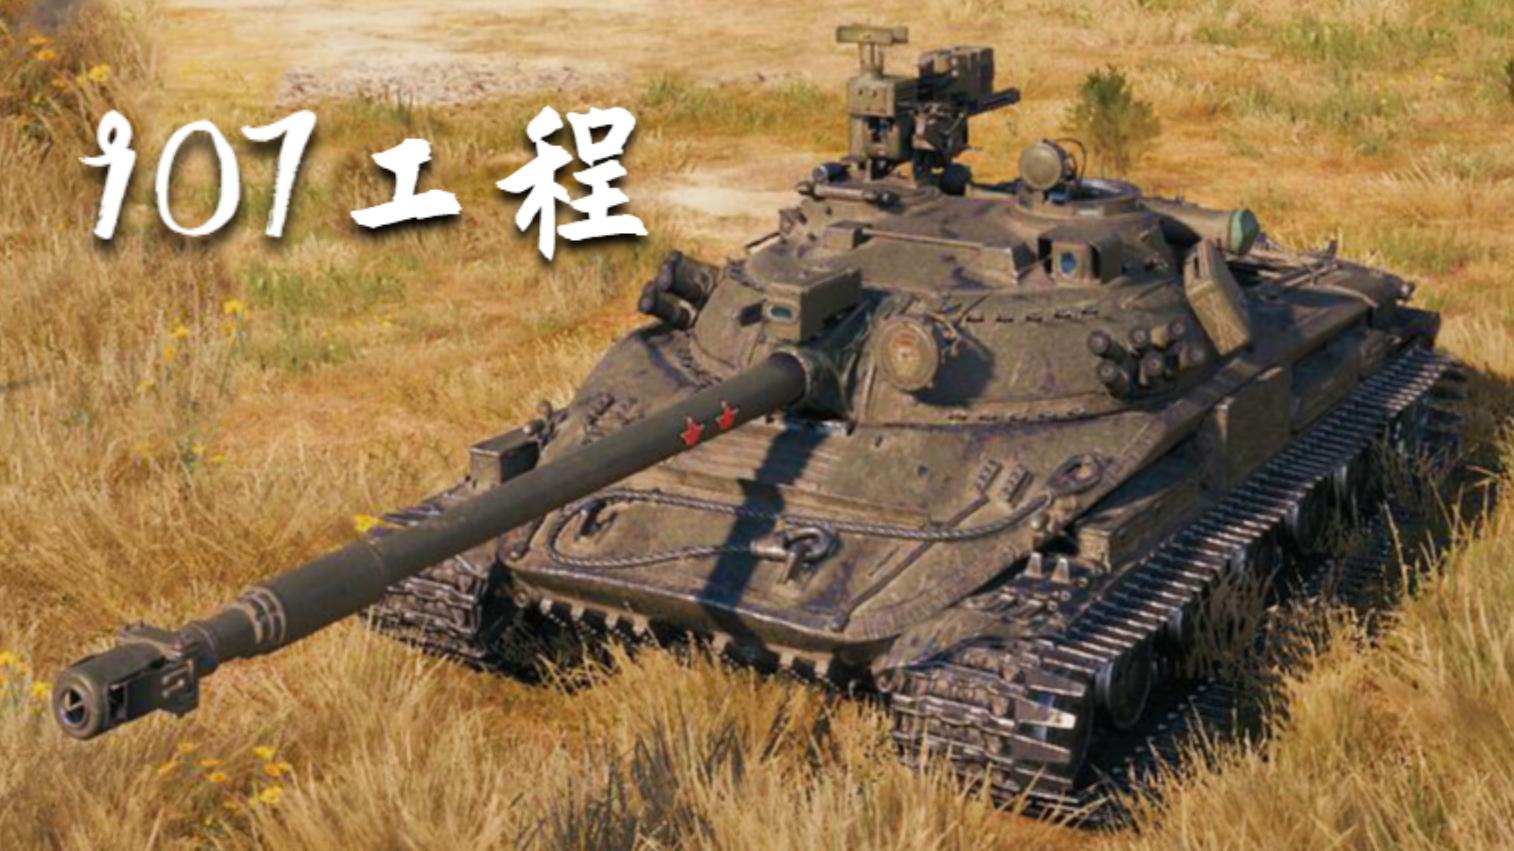 【坦克世界】907工程:6杀 - 1万1输出,激光滋水炮(荒蛮之地)